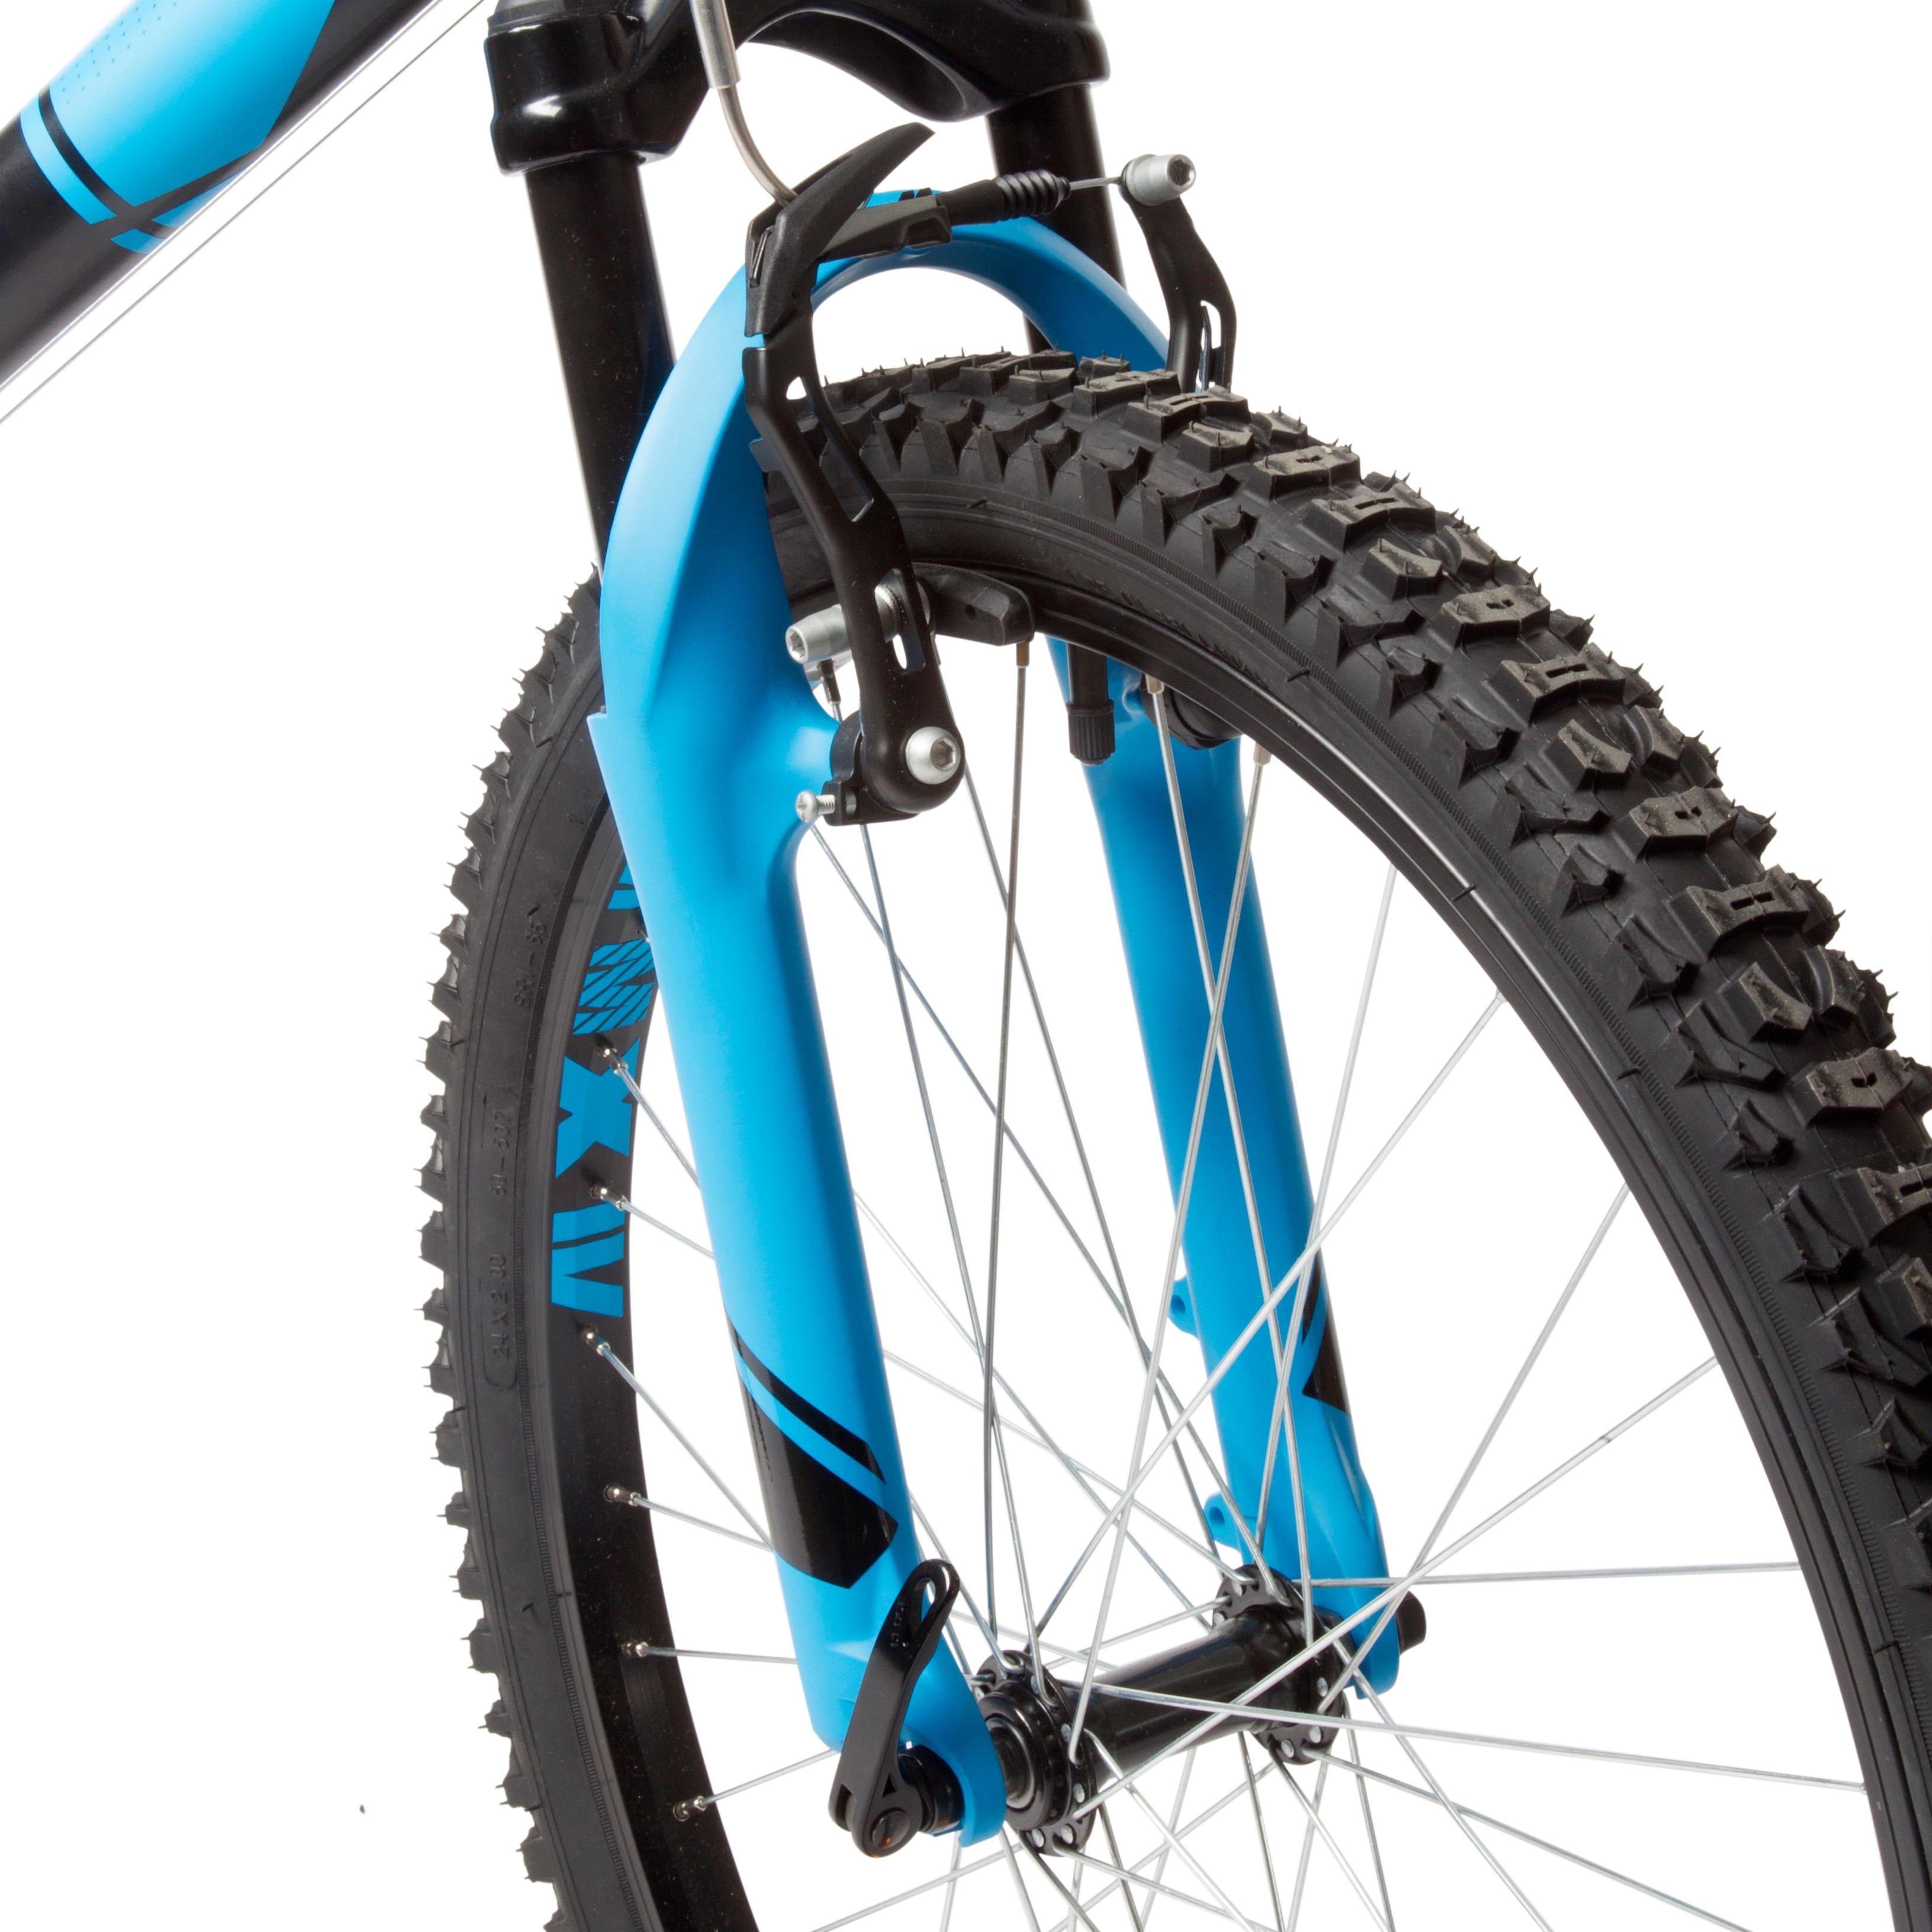 Rockrider 500 Kids' 24-Inch Mountain Bike 9-12 Years - Blue